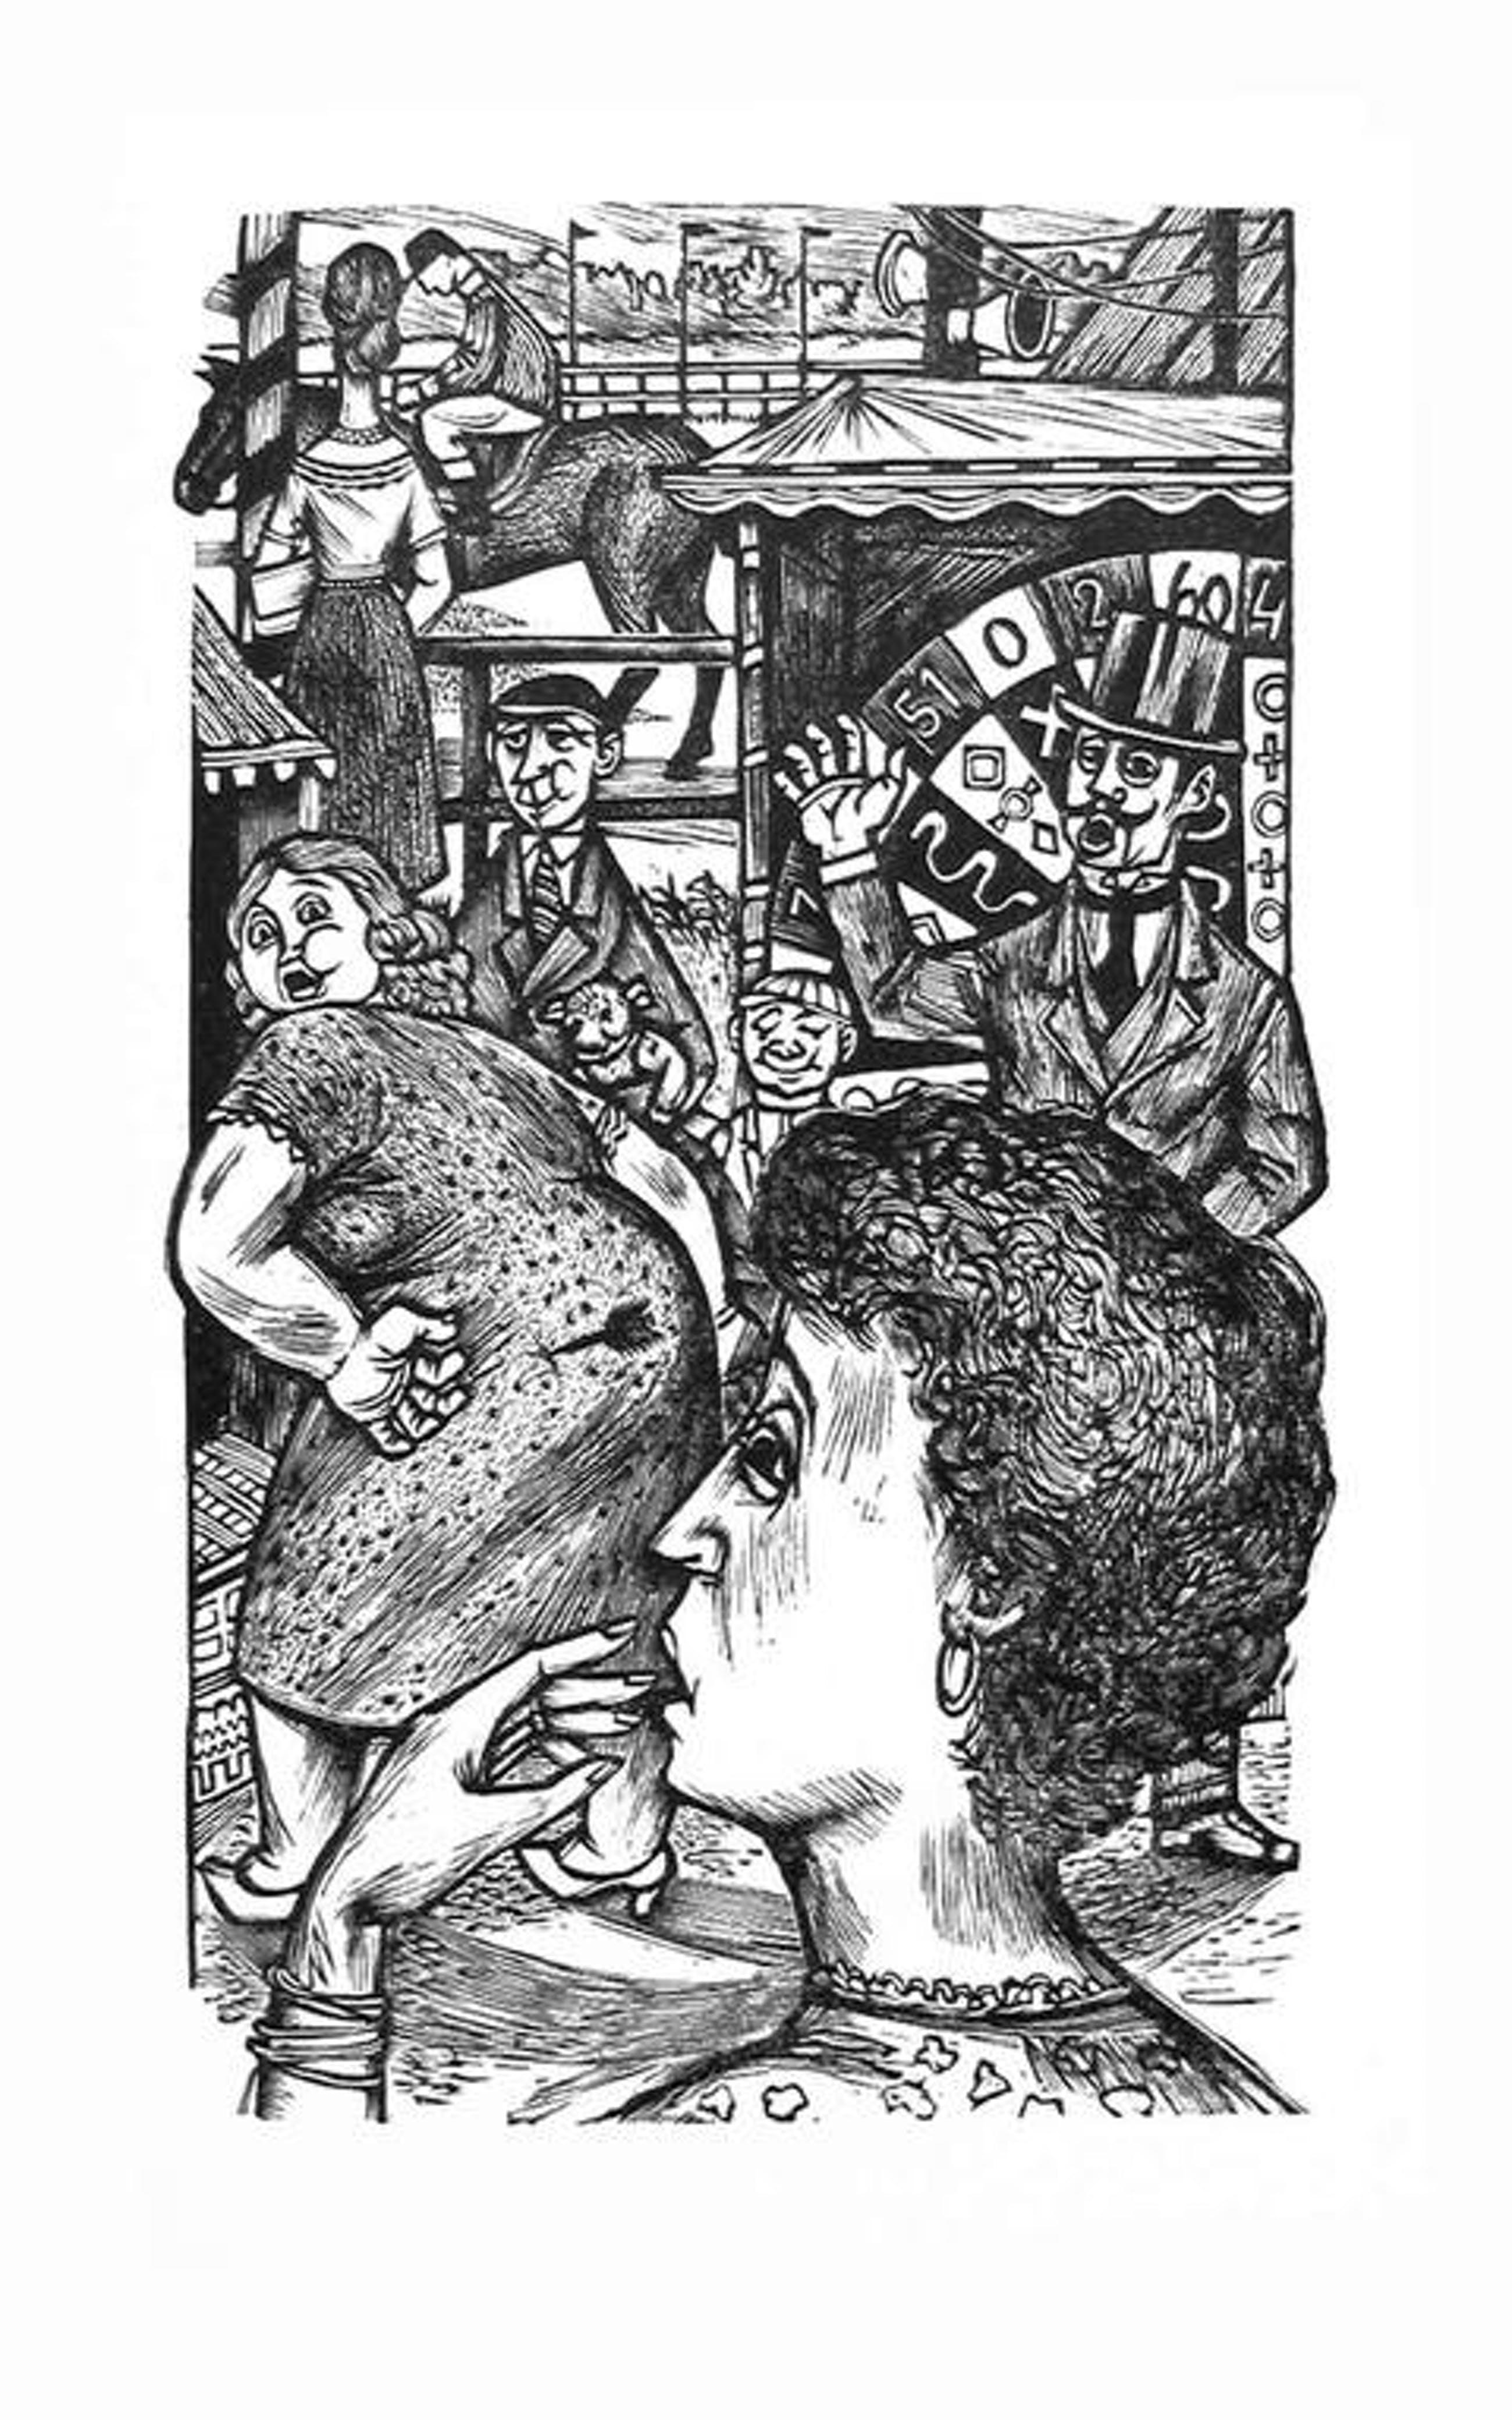 LOU STRIK - Houtgravure uit BANKSPIEGEL, 1961 kopen? Bied vanaf 14!